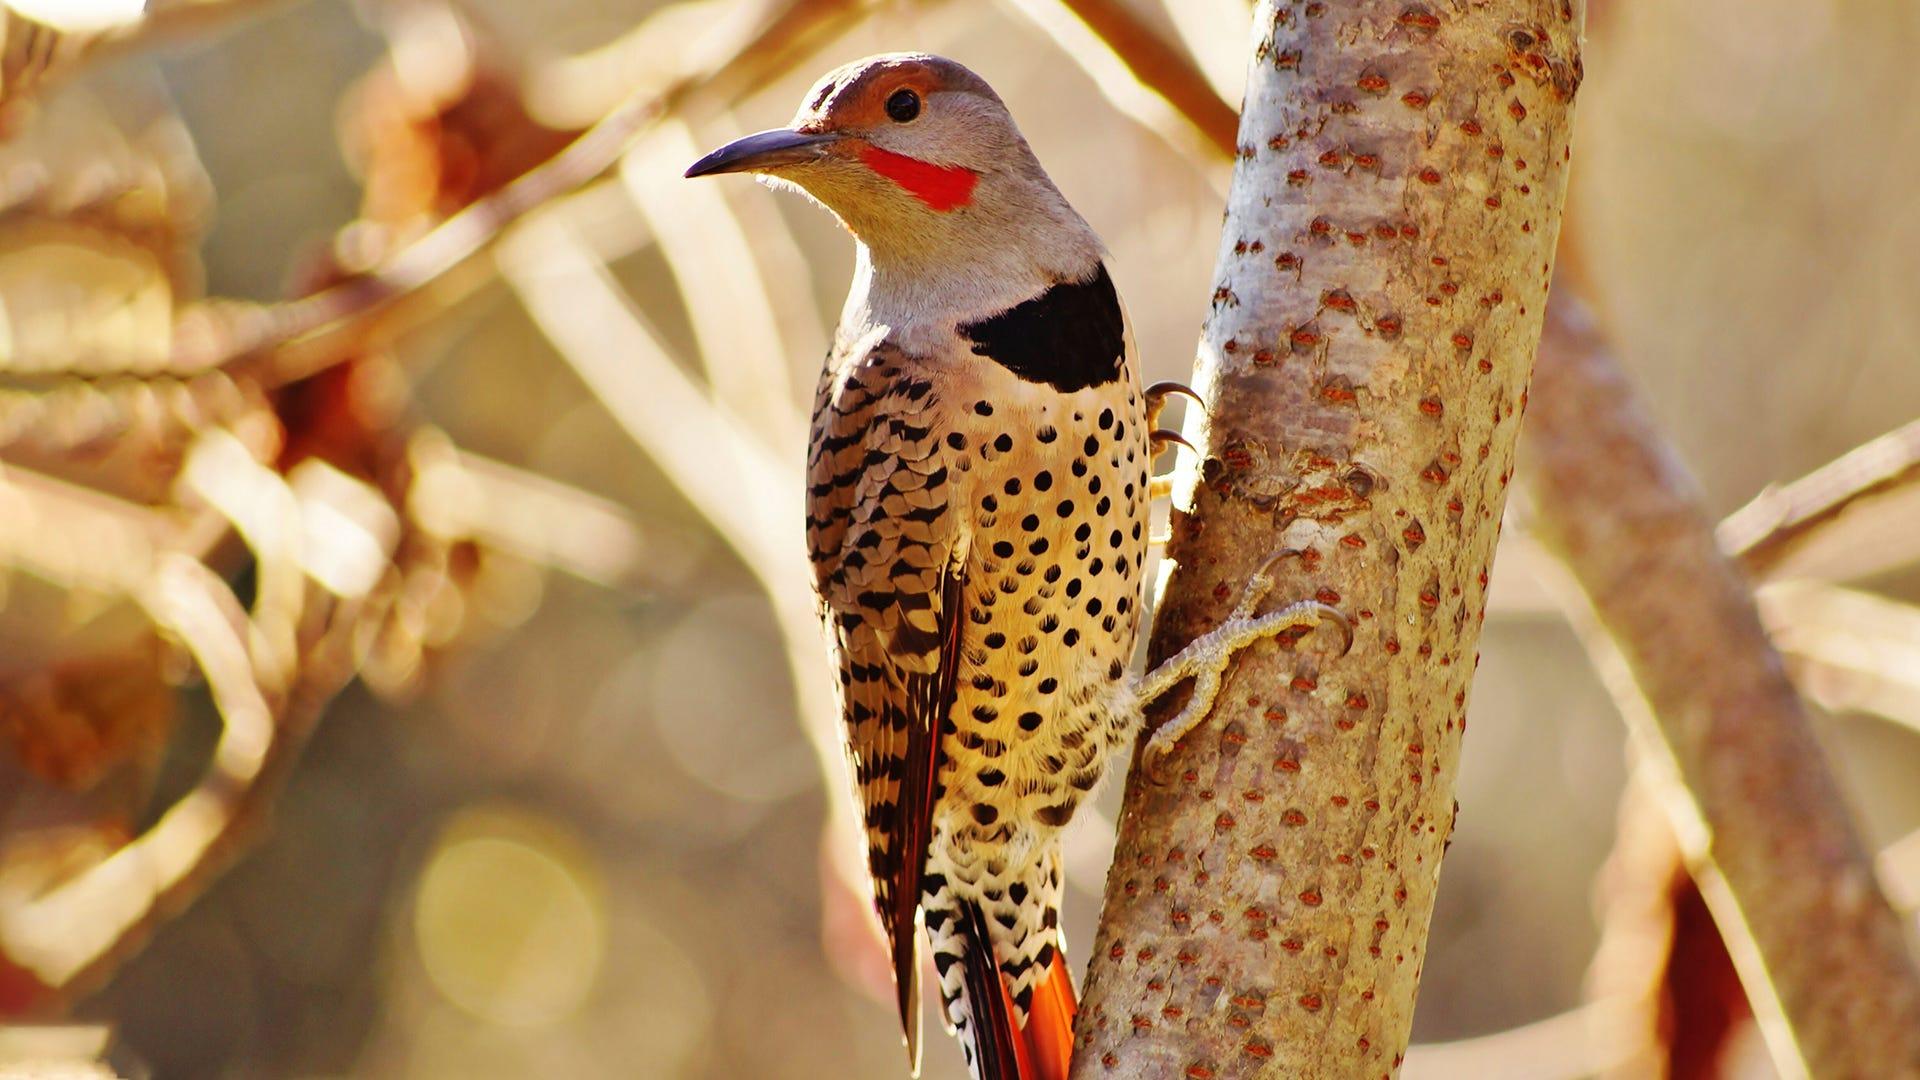 Species Spotlight: Northern Flicker